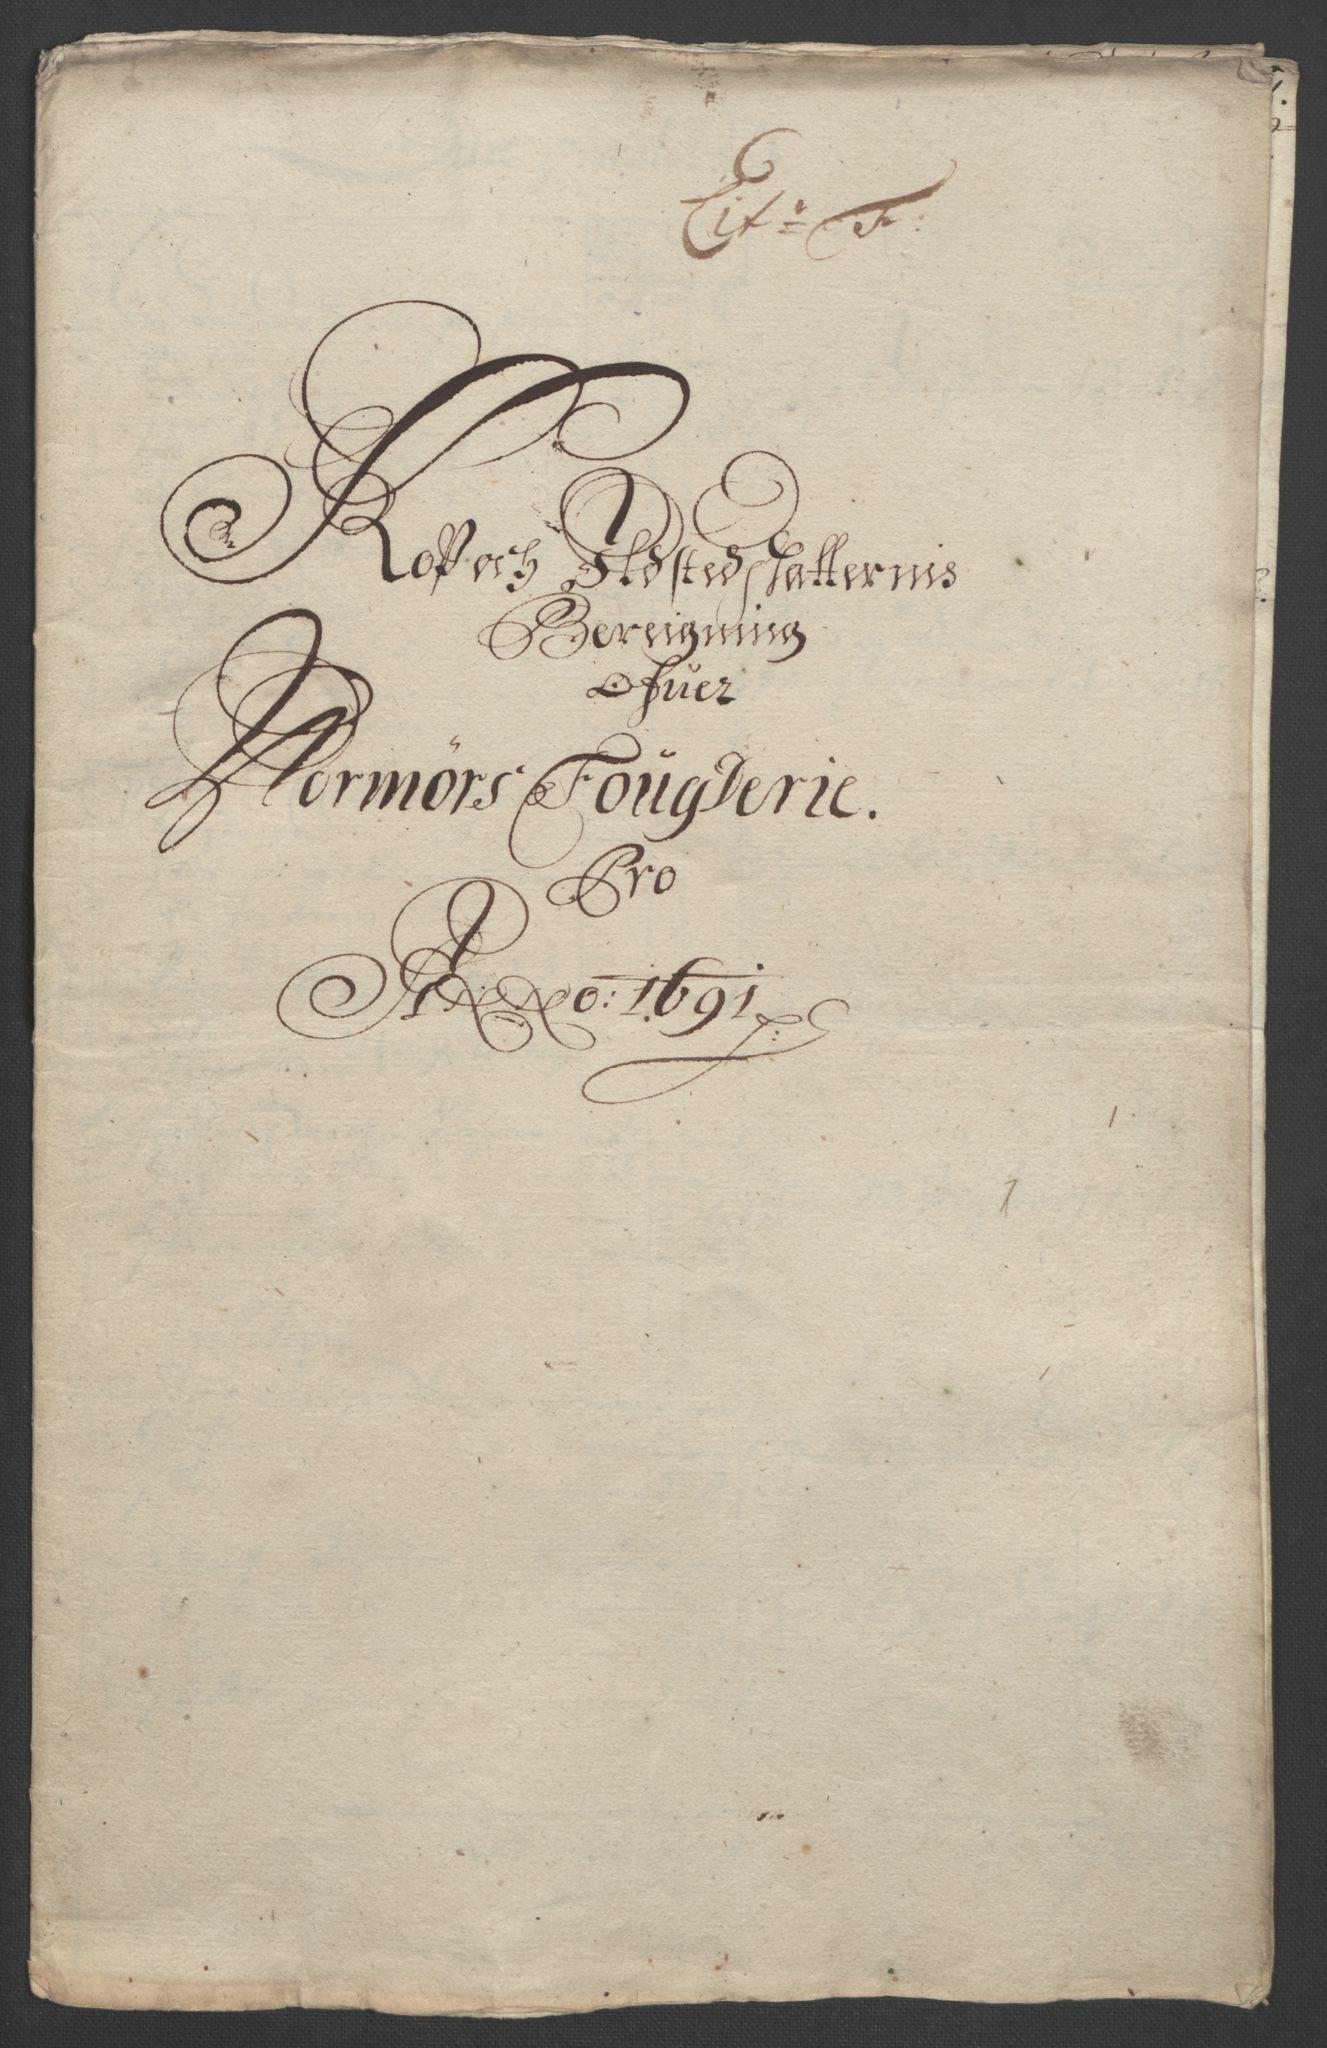 RA, Rentekammeret inntil 1814, Reviderte regnskaper, Fogderegnskap, R56/L3734: Fogderegnskap Nordmøre, 1690-1691, s. 335